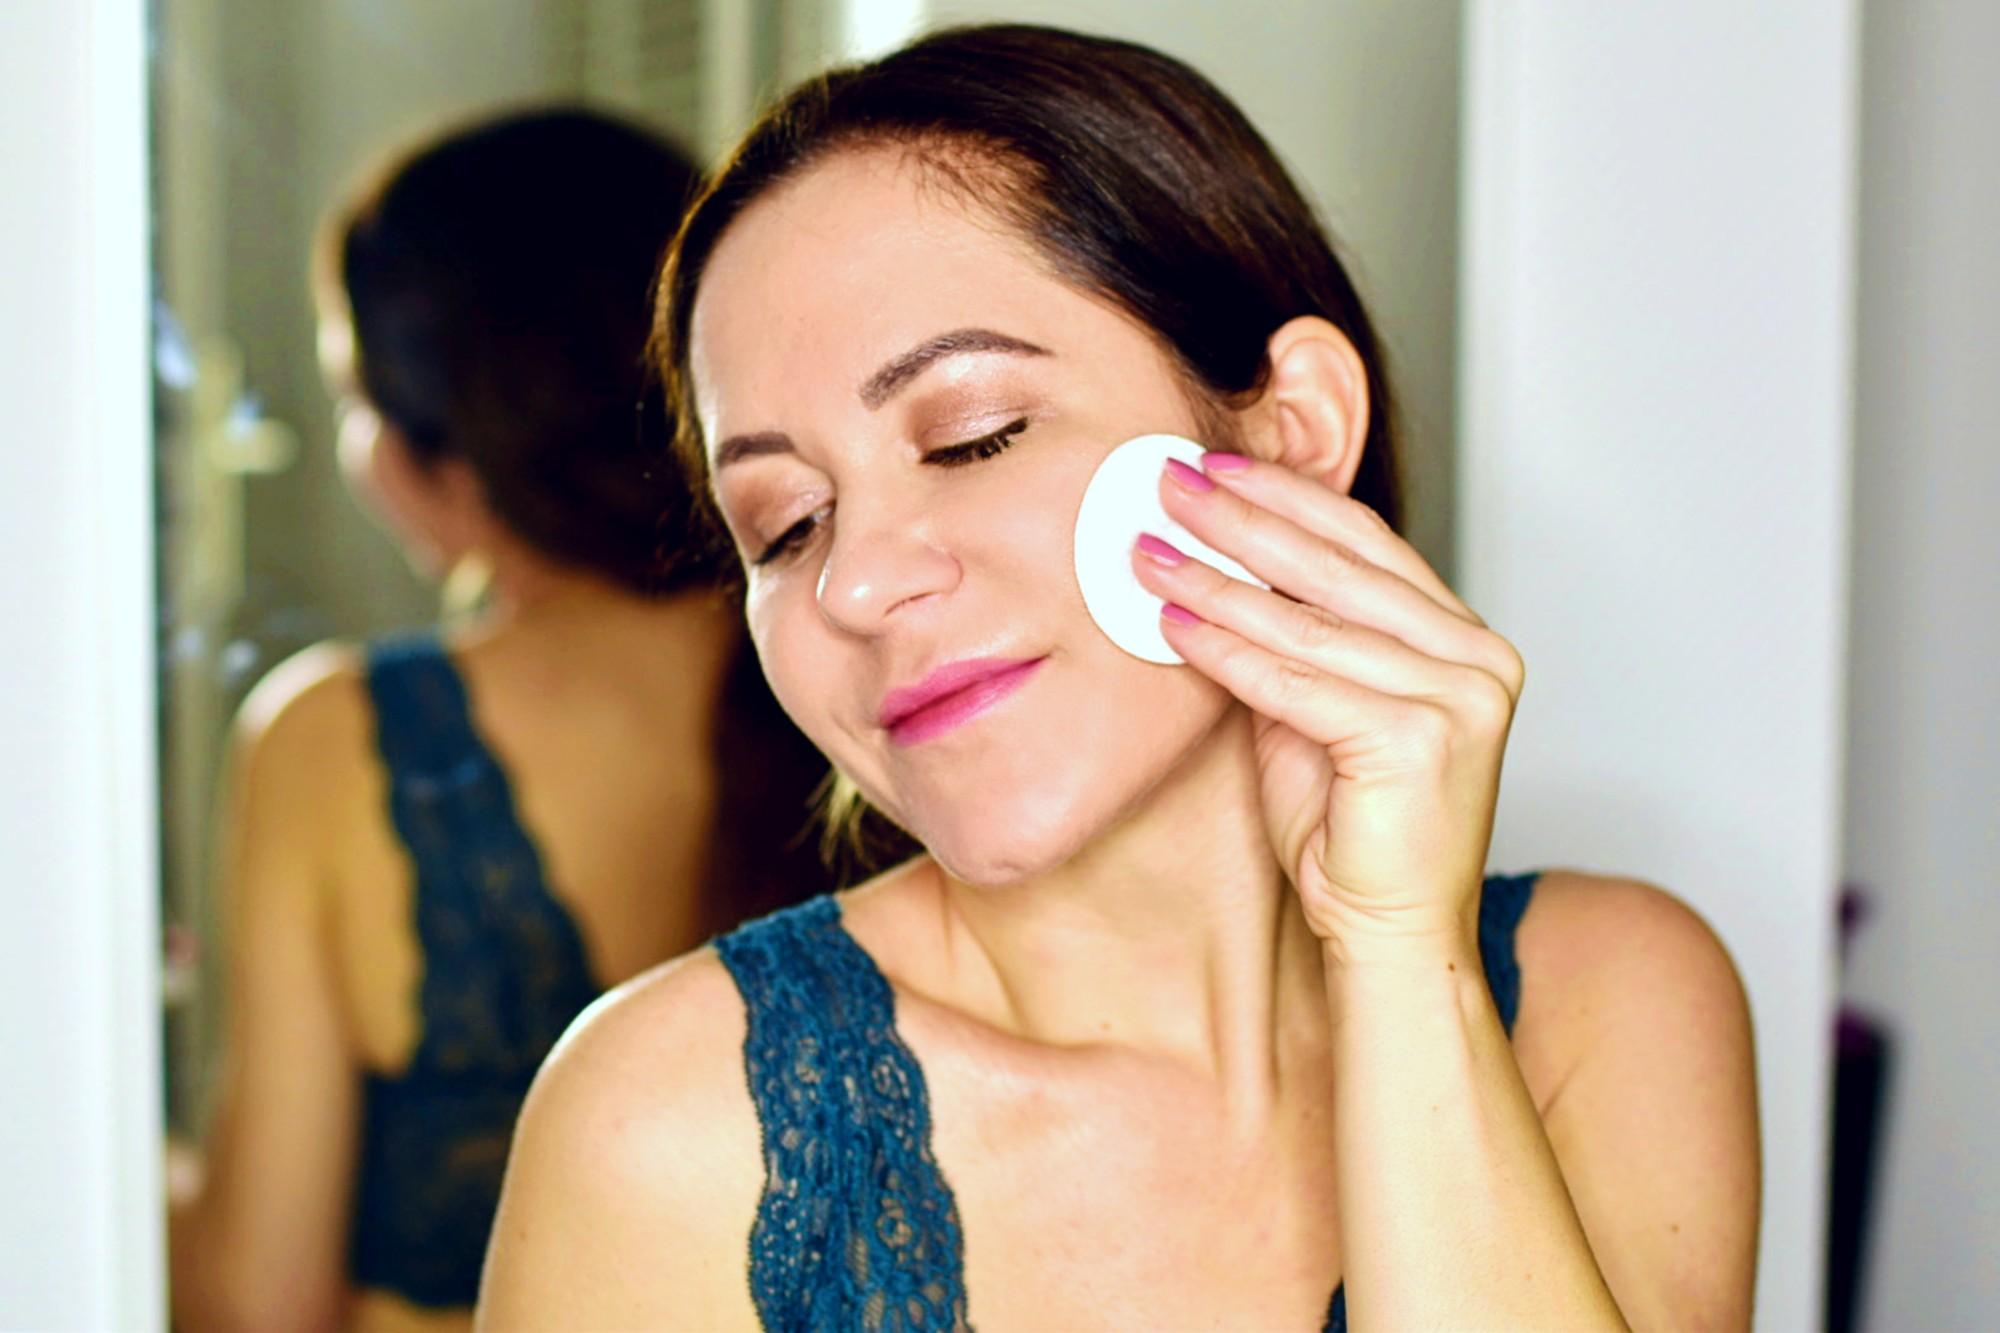 Gesichtspflege leicht gemacht in 6 Schritten